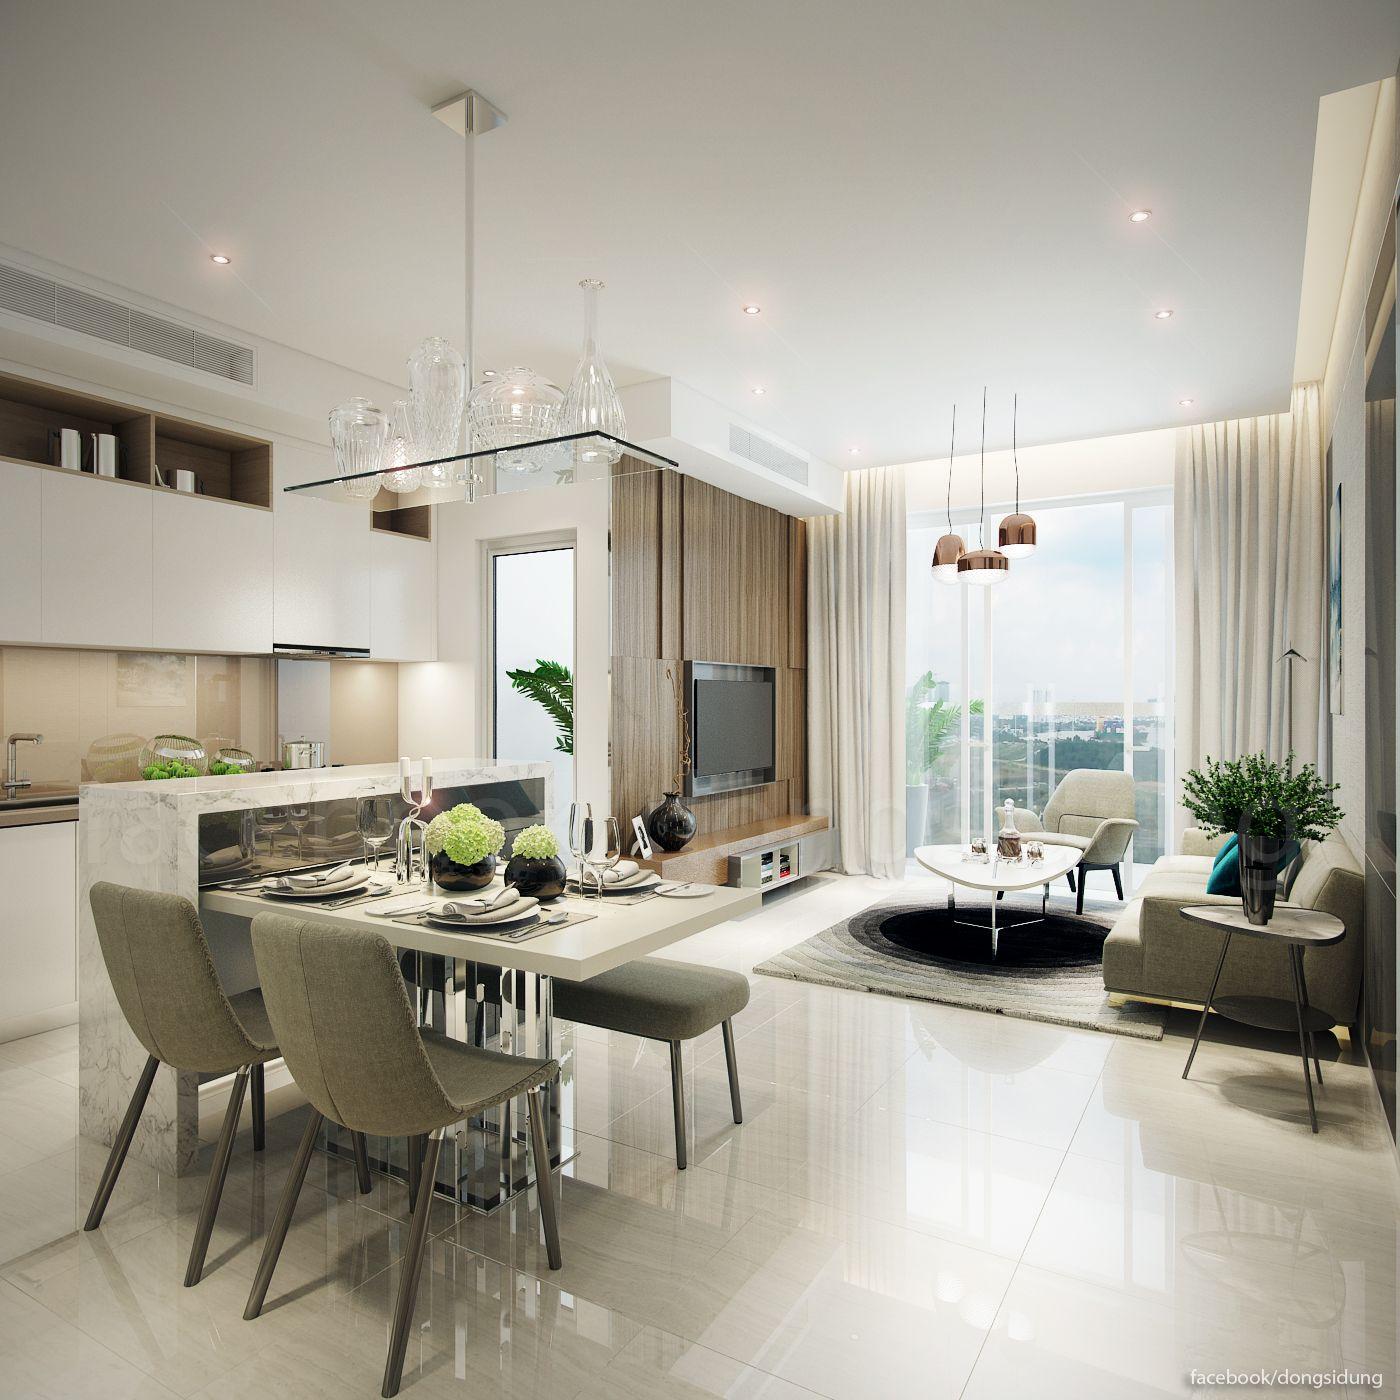 Condo Interior, Condominium Interior